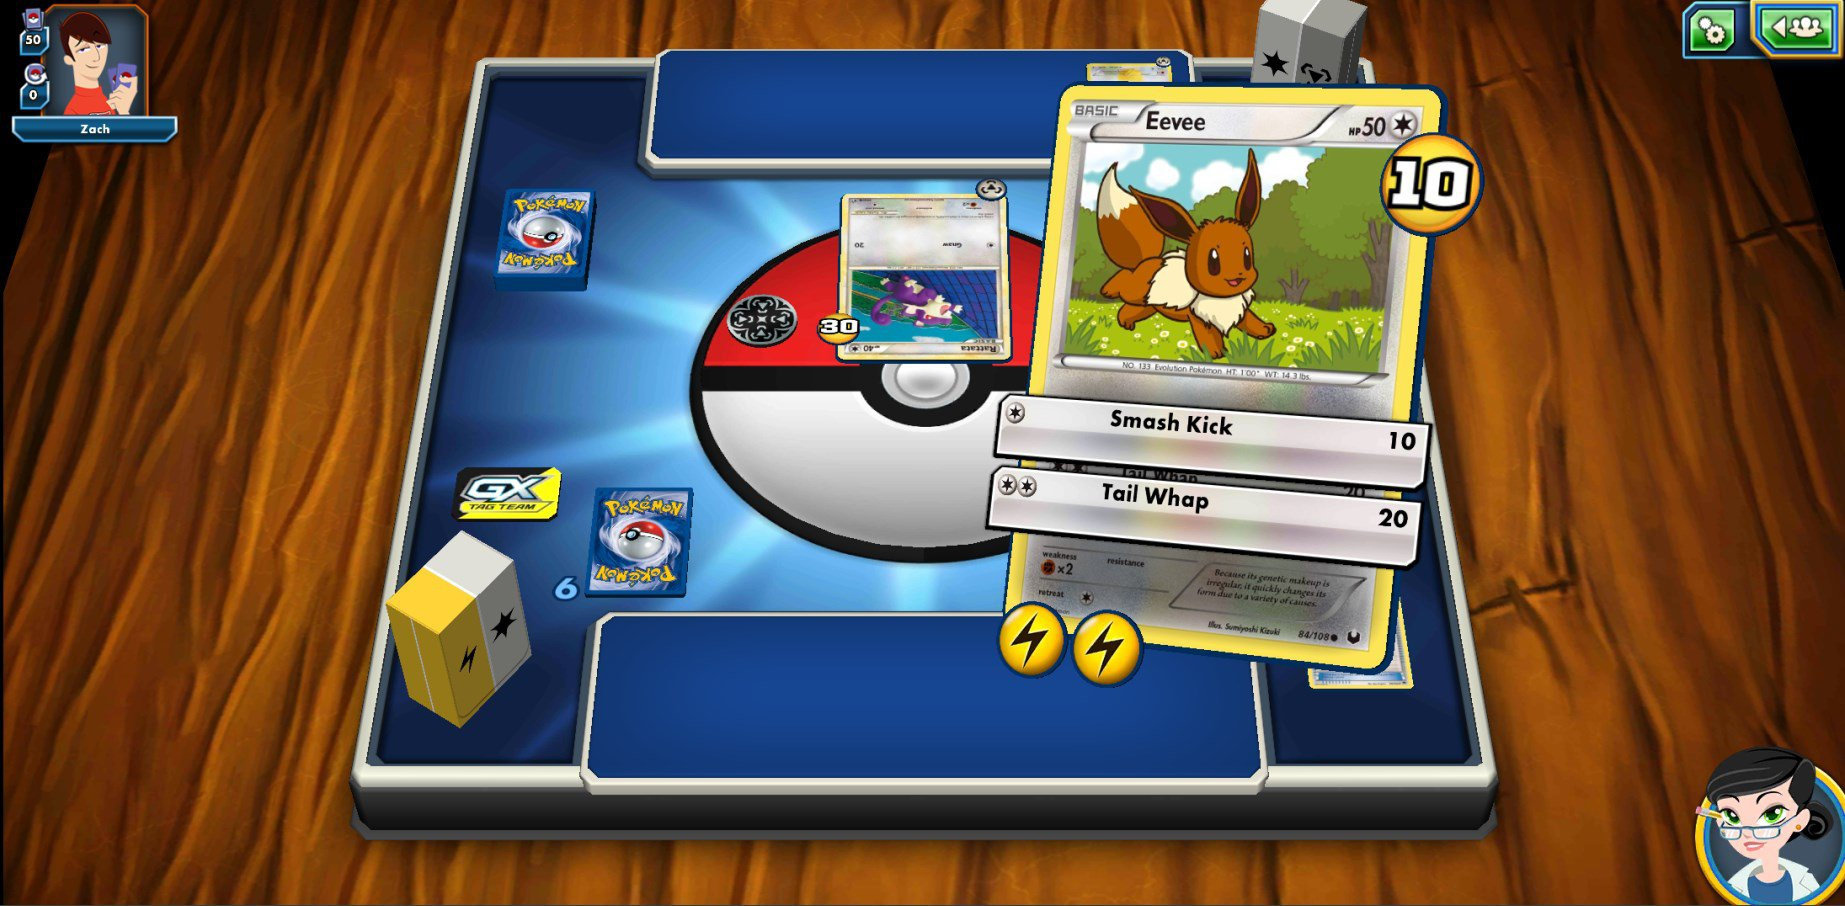 Pokémon Tcg Online 2.70.0 - Télécharger Pour Android Apk intérieur Jeux De Cartes Gratuits À Télécharger En Français